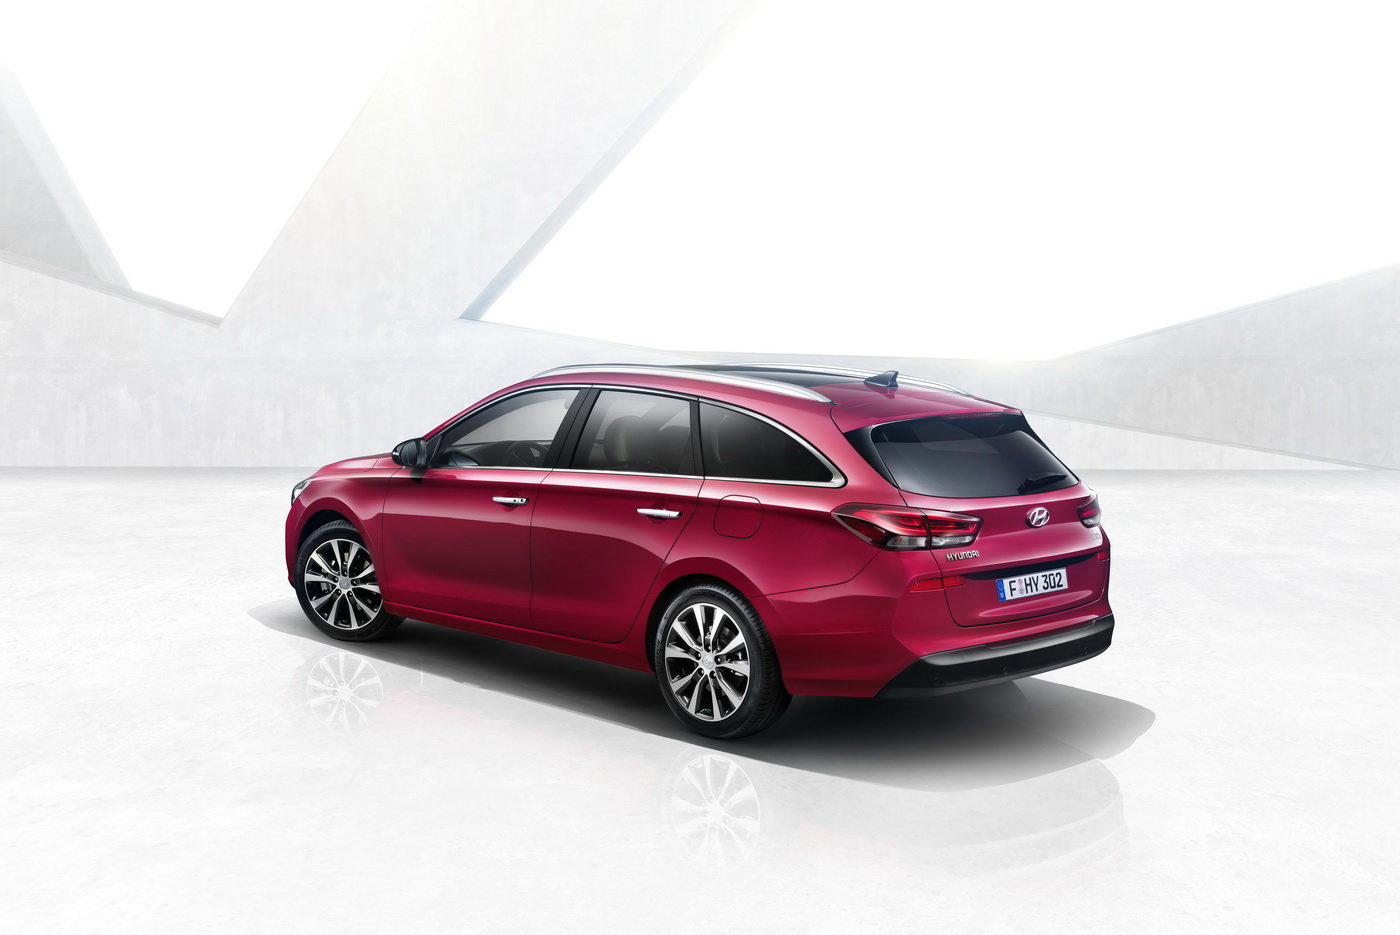 Oficiálně: Hyundai i30 kombi se představuje. Podobnost s Mercedesem CLA Shooting Brake je čistě náhodná?